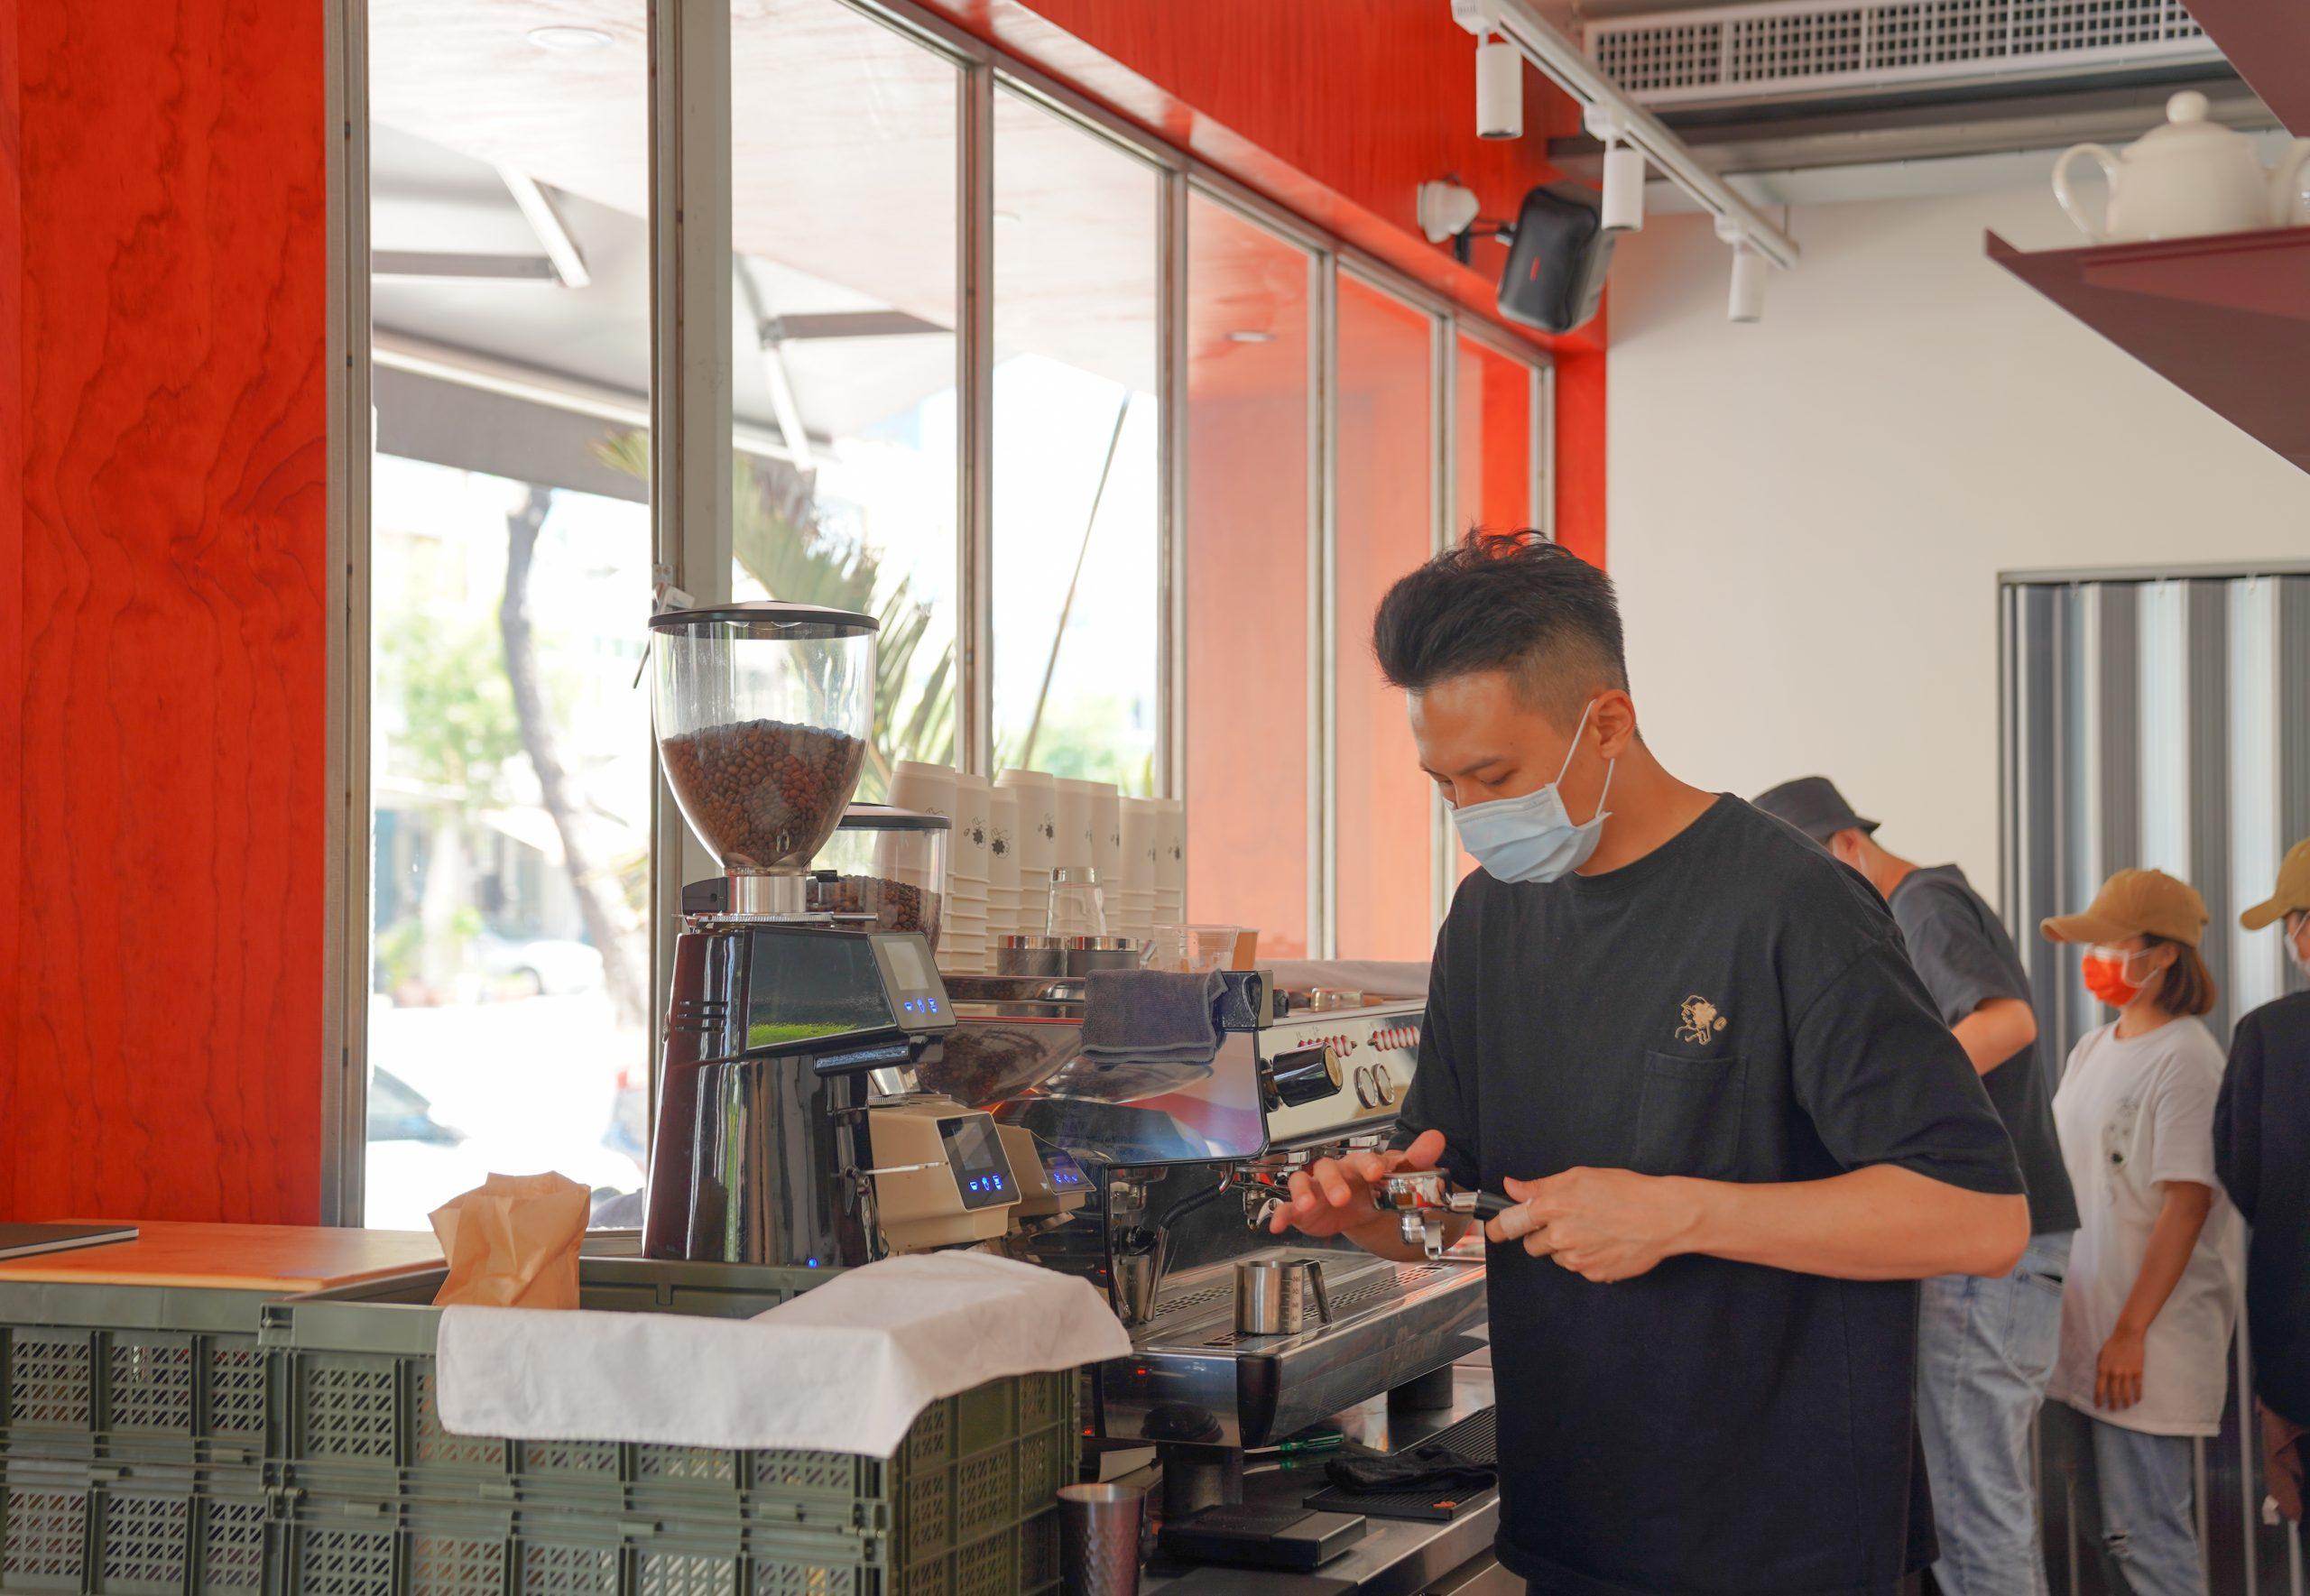 [高雄咖啡推薦]Akau coffee 猻物咖啡大港店-最潮高雄咖啡外帶店!來自屏東人氣咖啡品牌 @美食好芃友